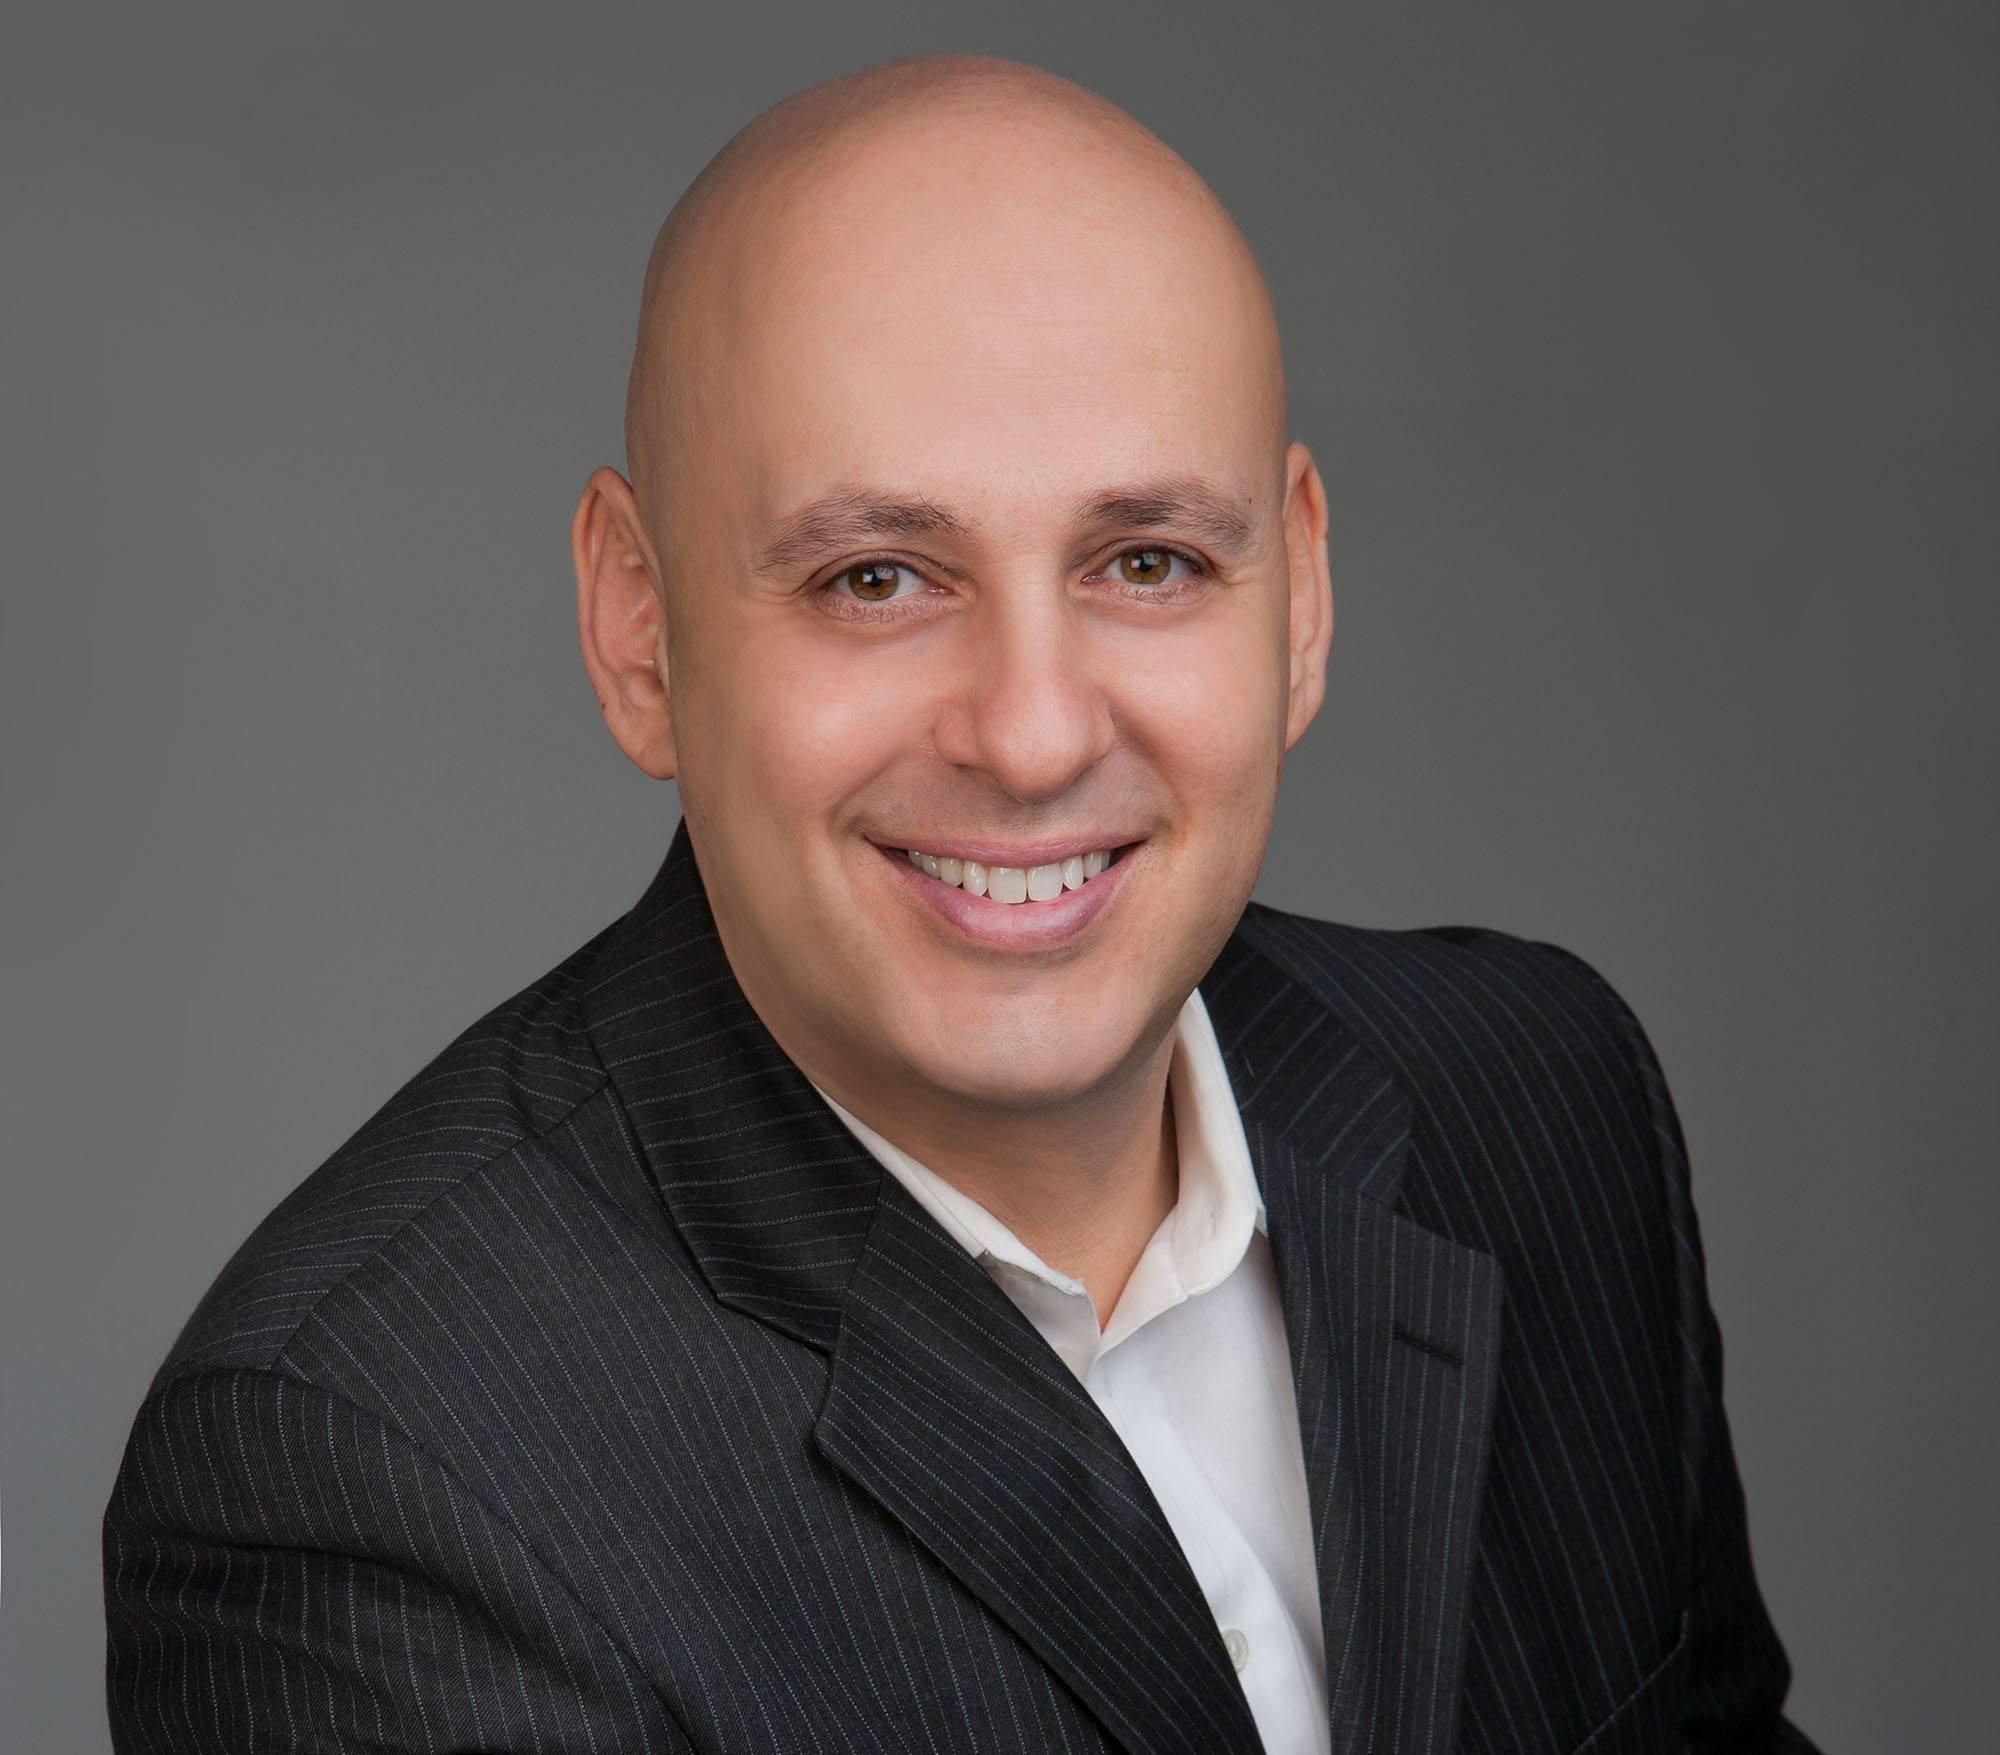 Niko Lambrinoudis is Broker/Owner of TRG The Residential Group Realty (Niko Lambrinoudis)